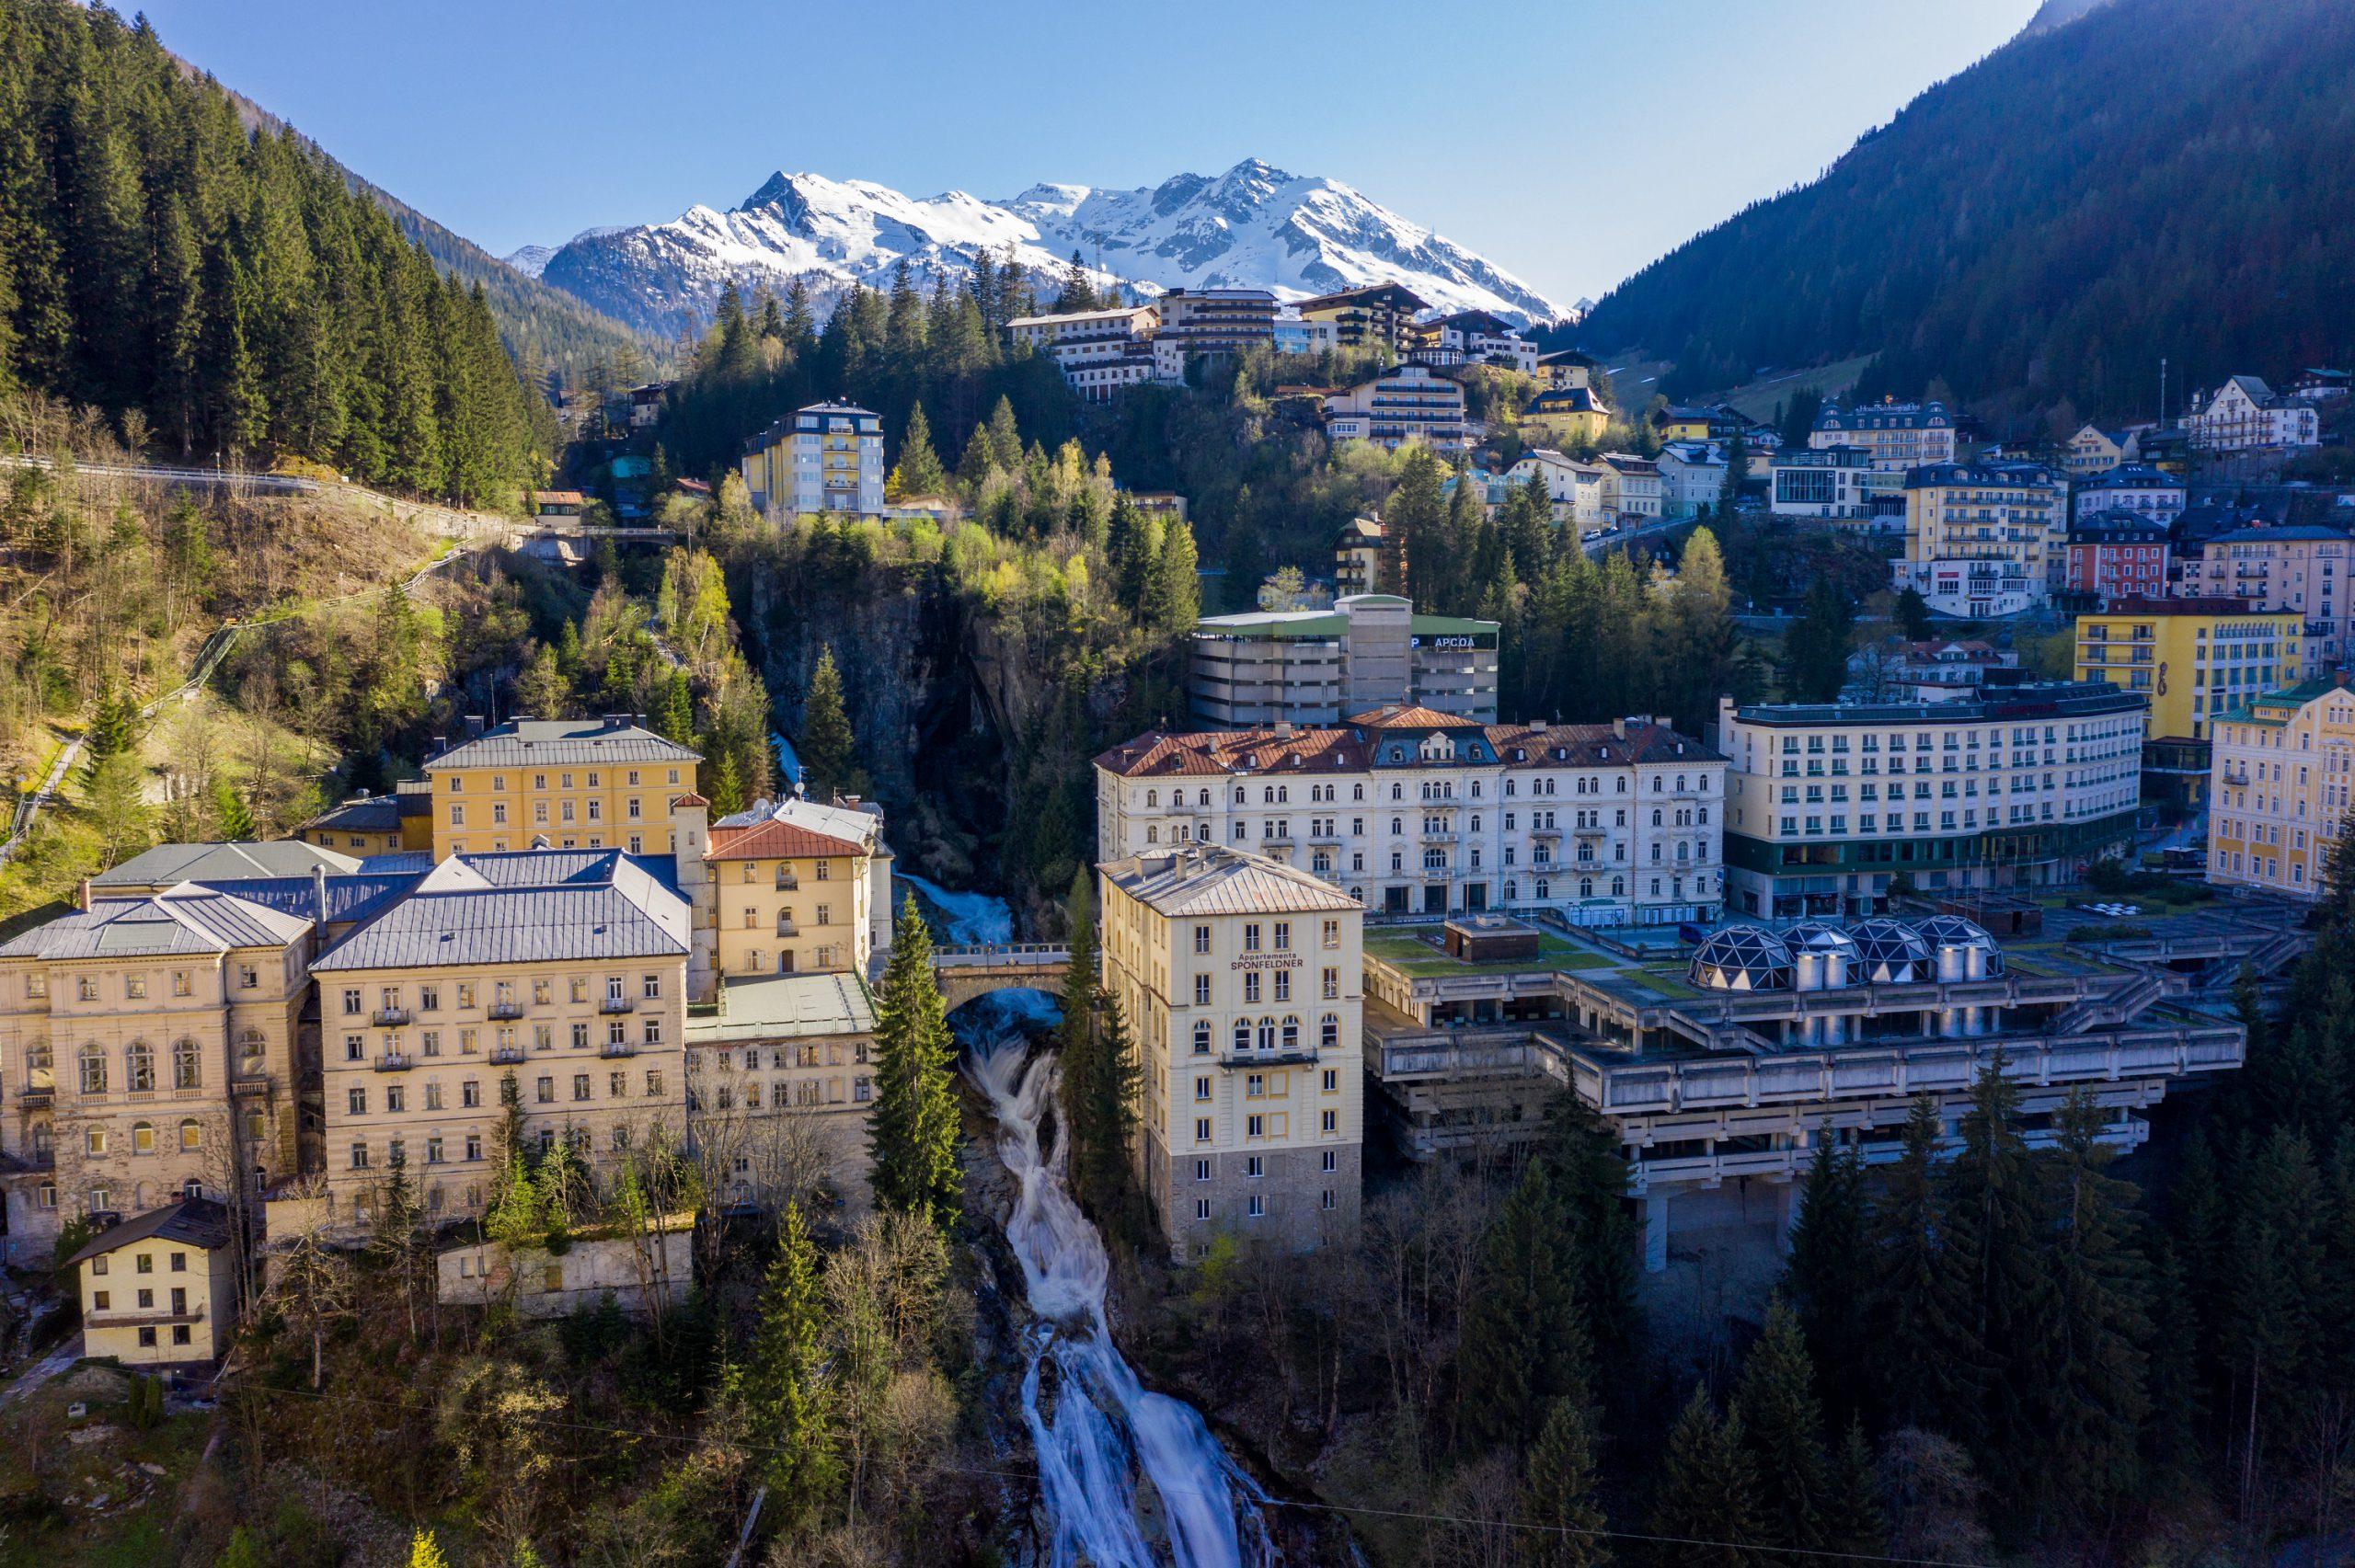 Der Gasteiner Wasserfall gehört zu den bekanntesten Wasserfällen Österreichs und ist das Wahrzeichen von Bad Gastein